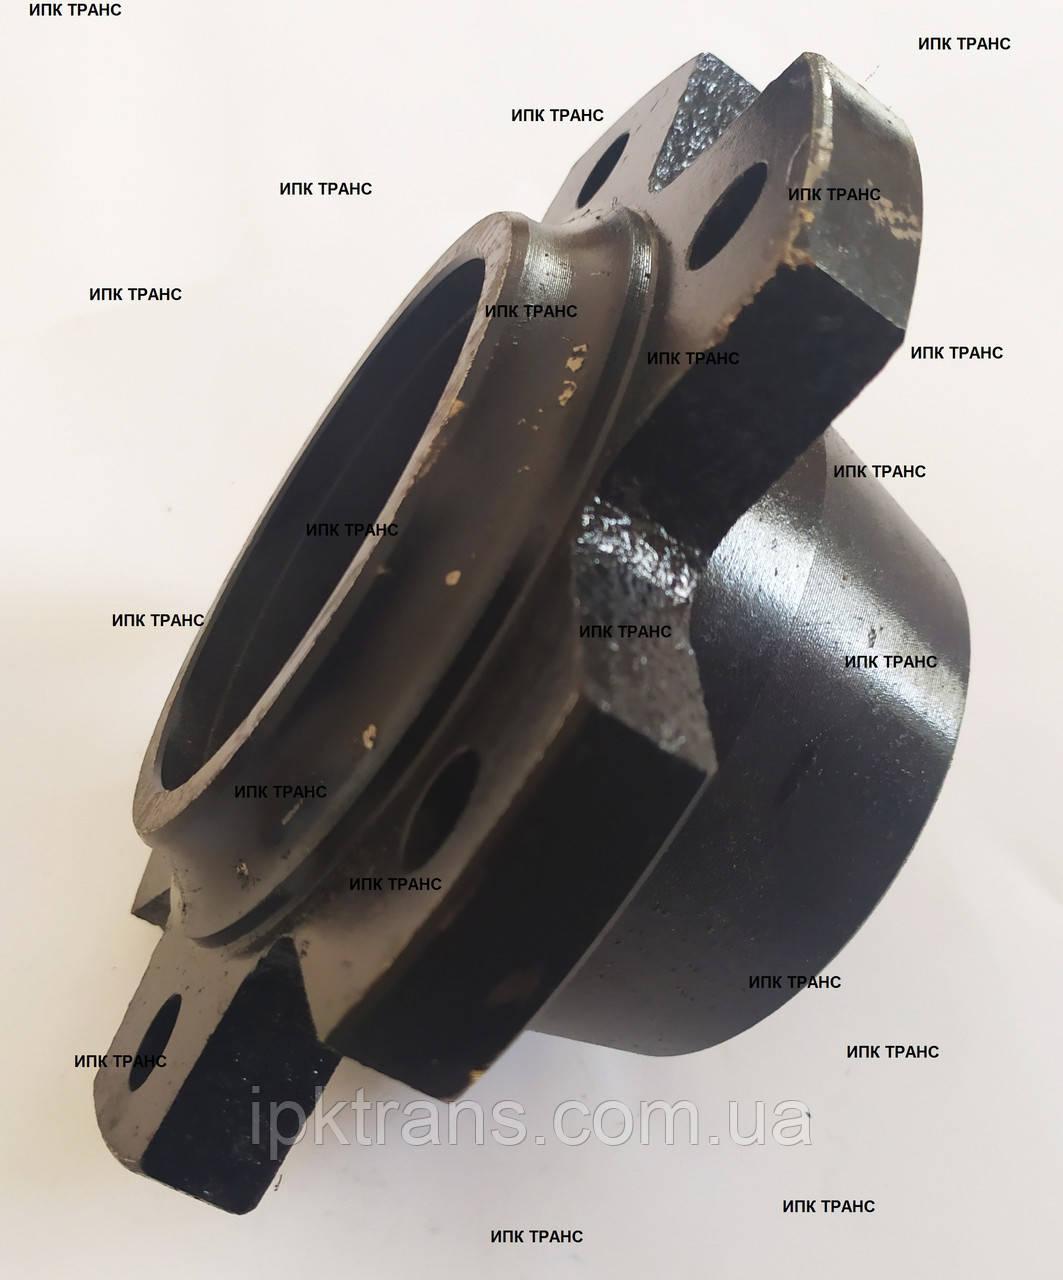 Ступица на погрузчик Тойота / Toyota 32-8FG15 (3770 грн)  43811-10481-71, 438111048171